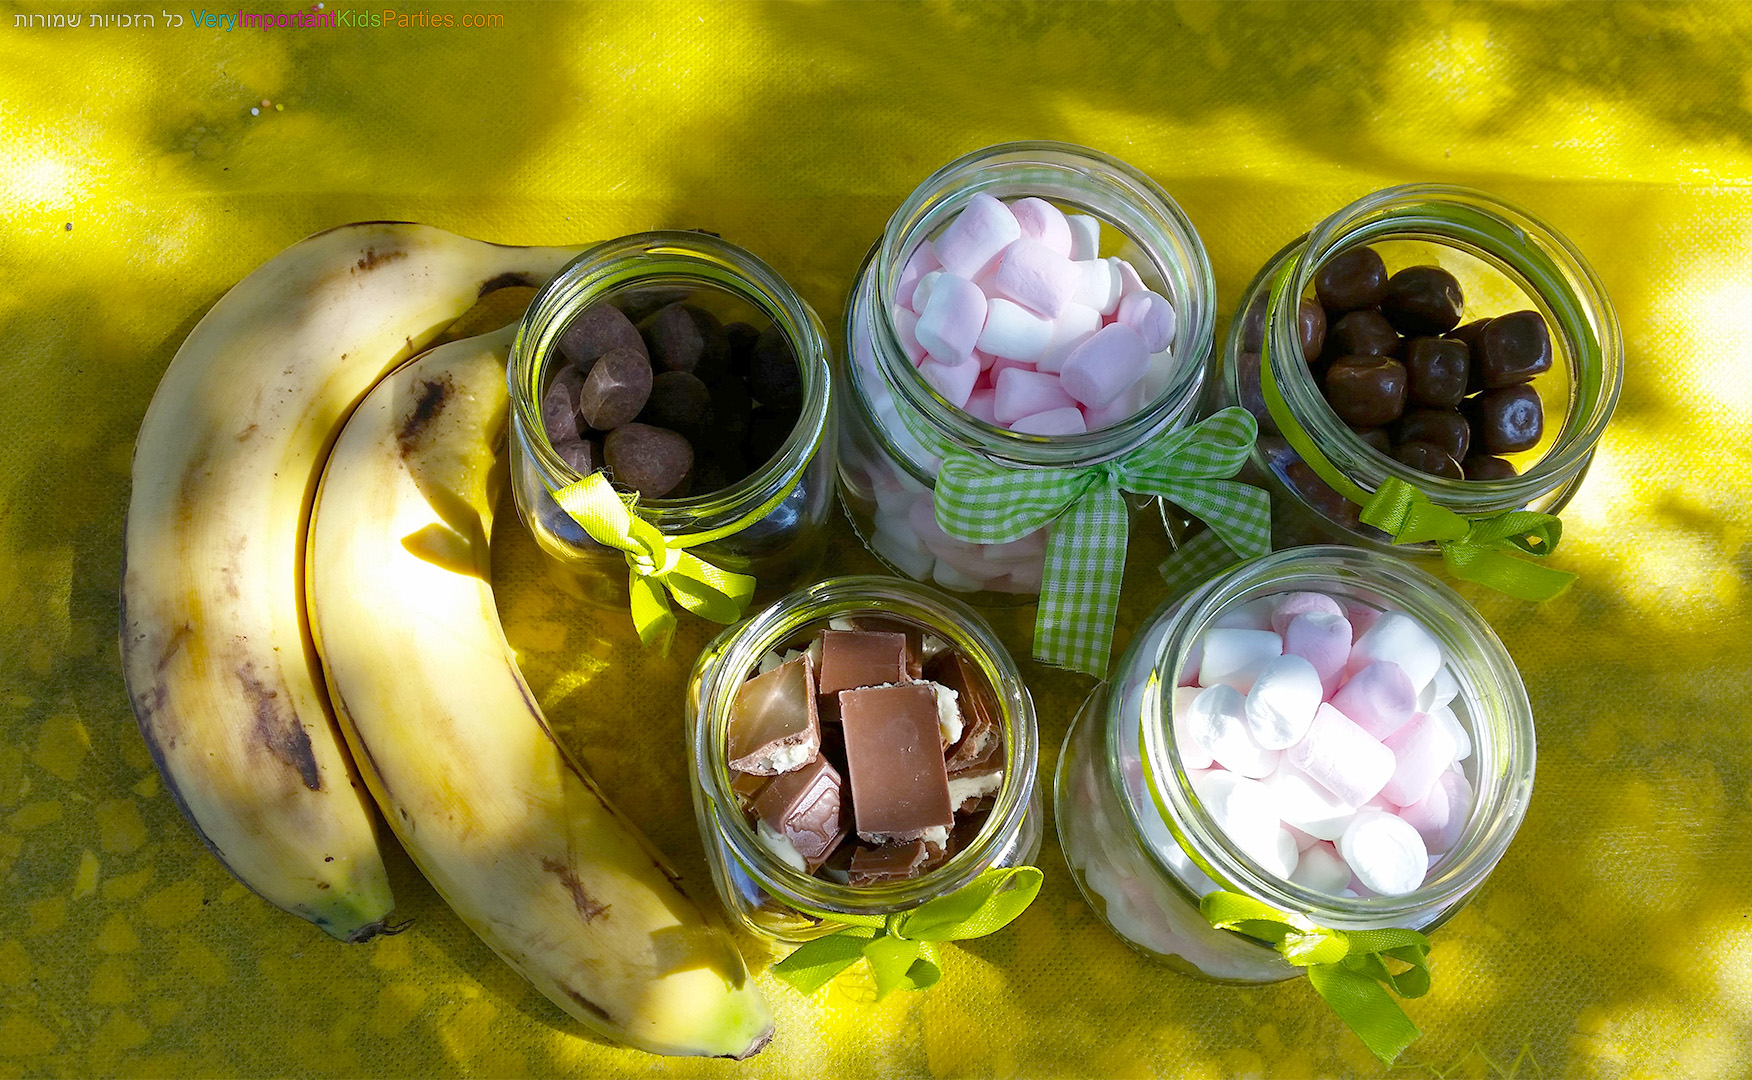 בננה עם שברי שוקולד ומרשמלו